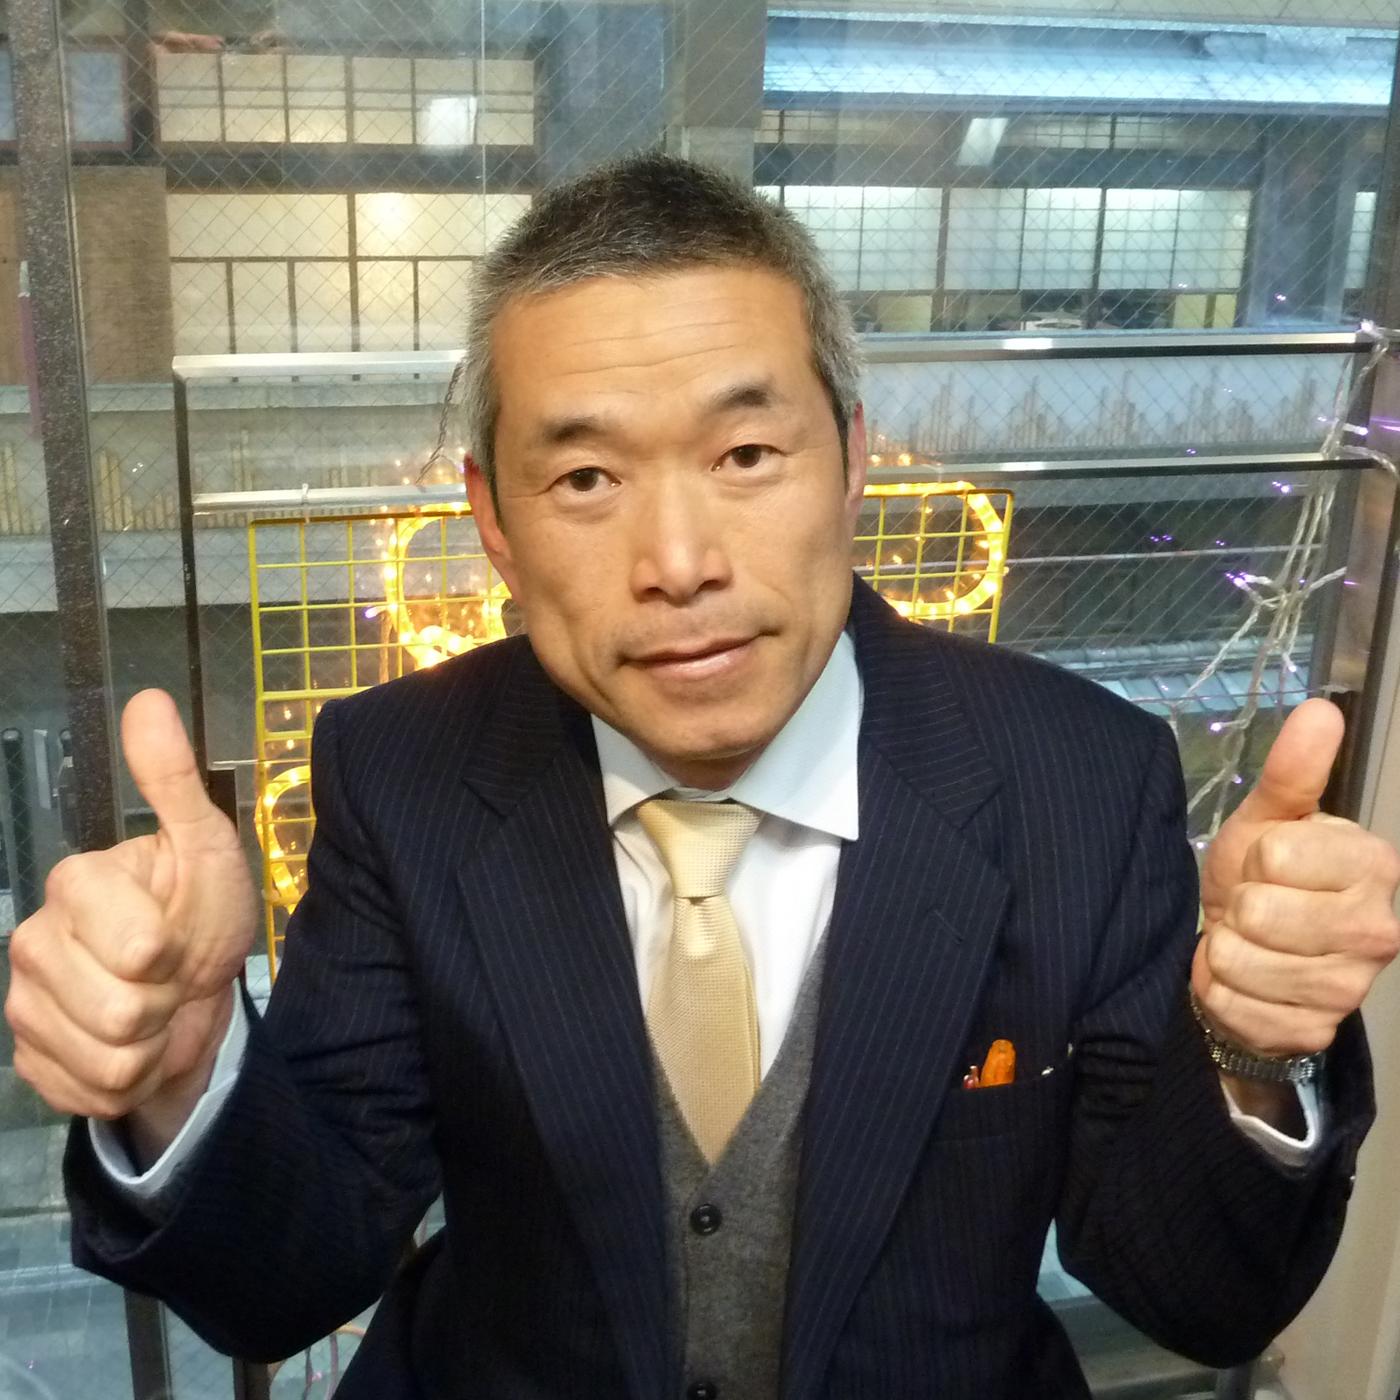 盛上浩一のワクワクライフ - FM79.7MHz京都三条ラジオカフェ:放送